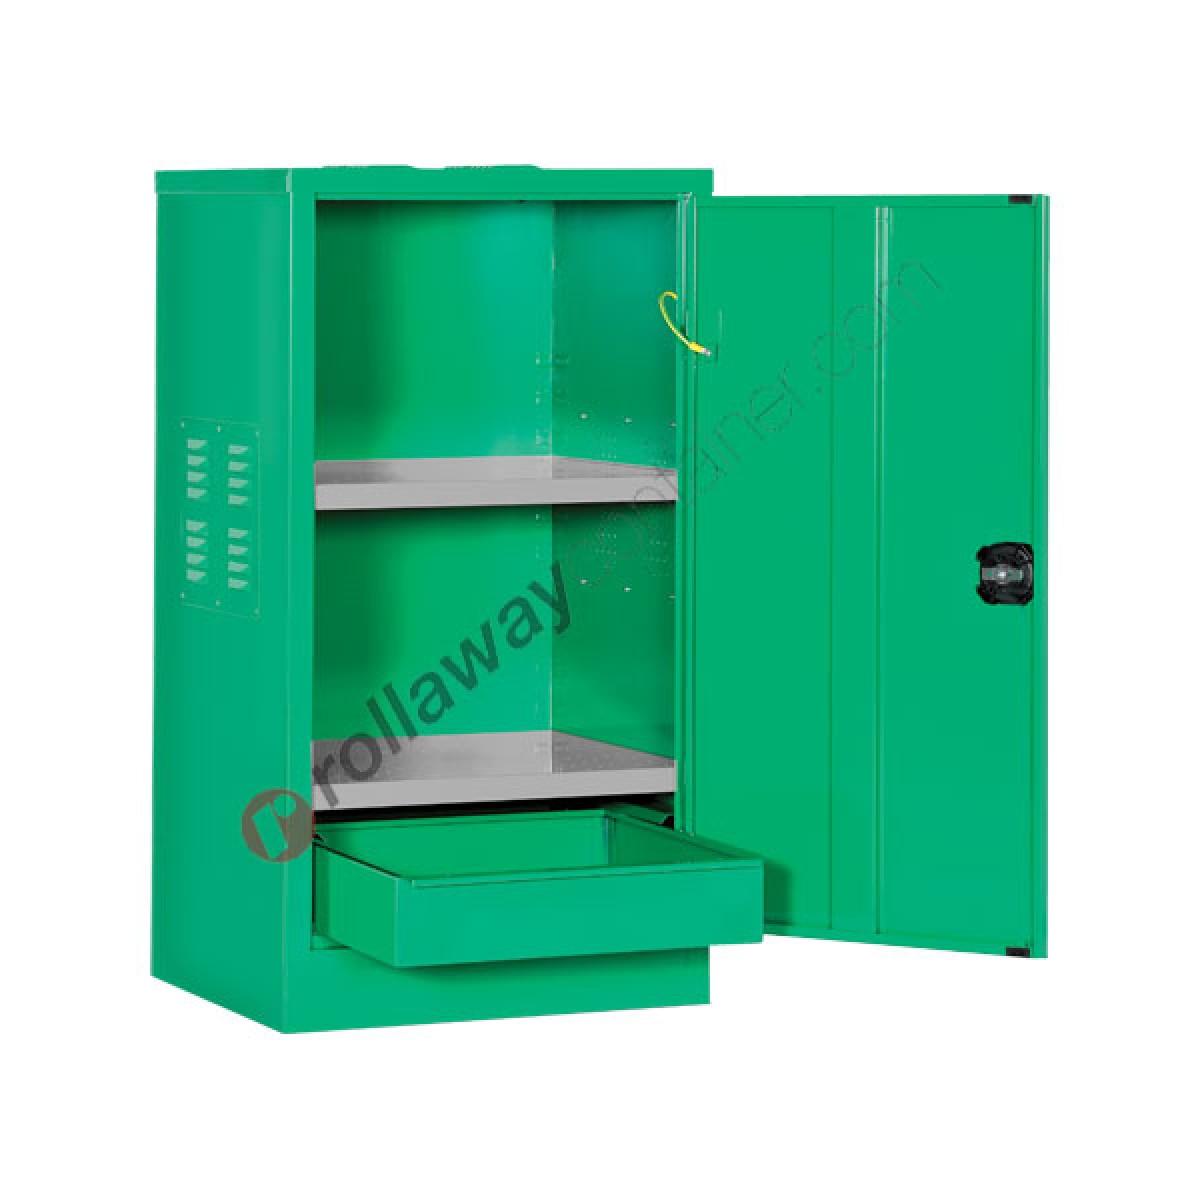 Armadio Per Prodotti Fitosanitari.Armadio Per Fitofarmaci Fitosanitari E Pesticidi 530 X 500 H 1000 Mm